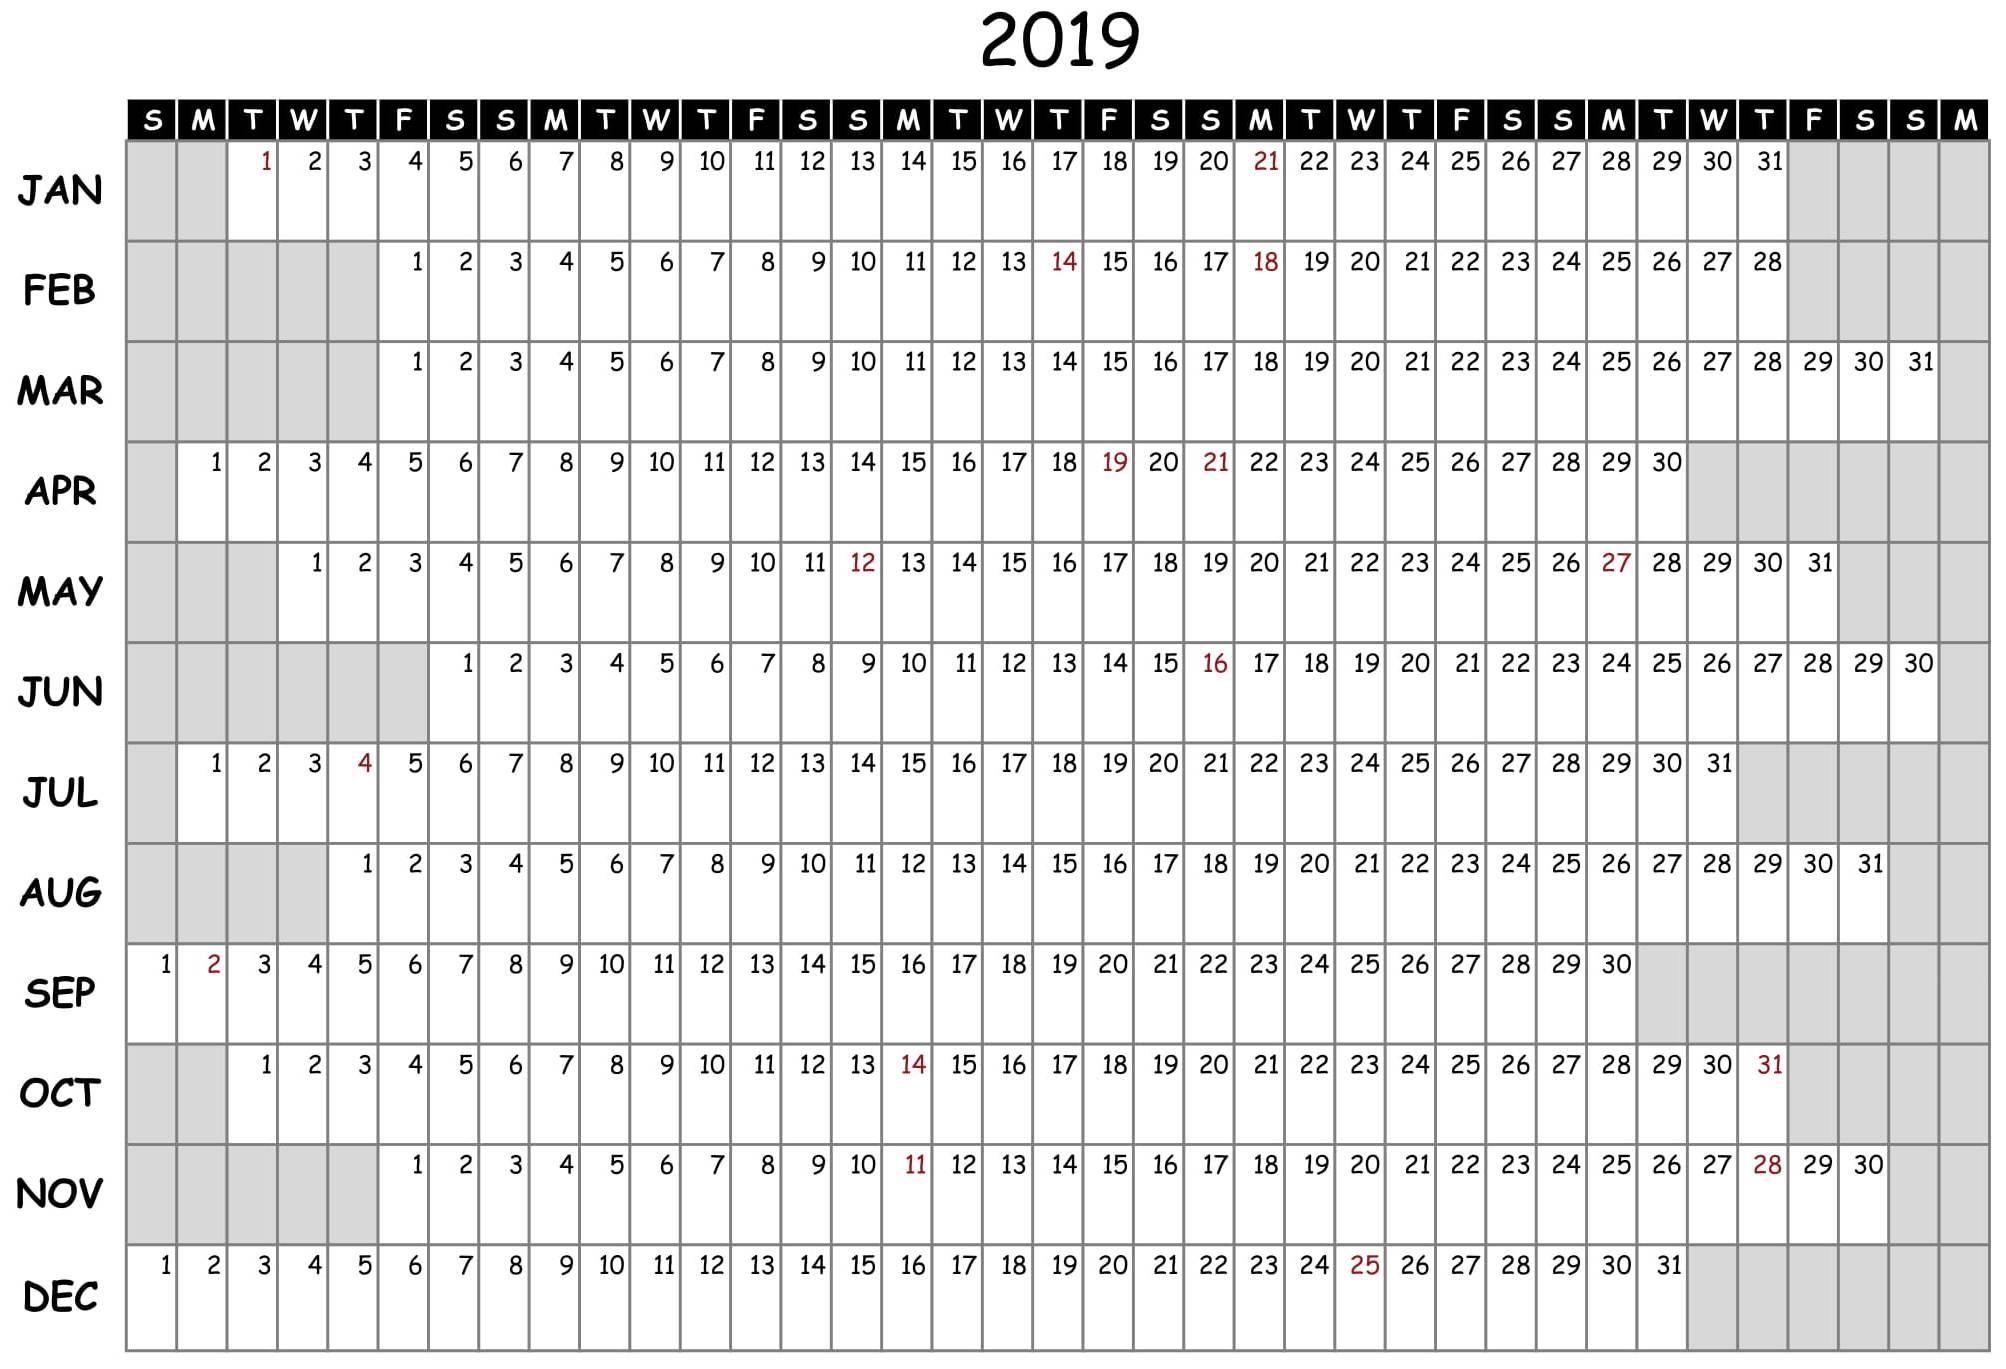 Attendance Calendar 2019 Free - Infer.ifreezer.co pertaining to Printable Employee Attendance Calendar Template